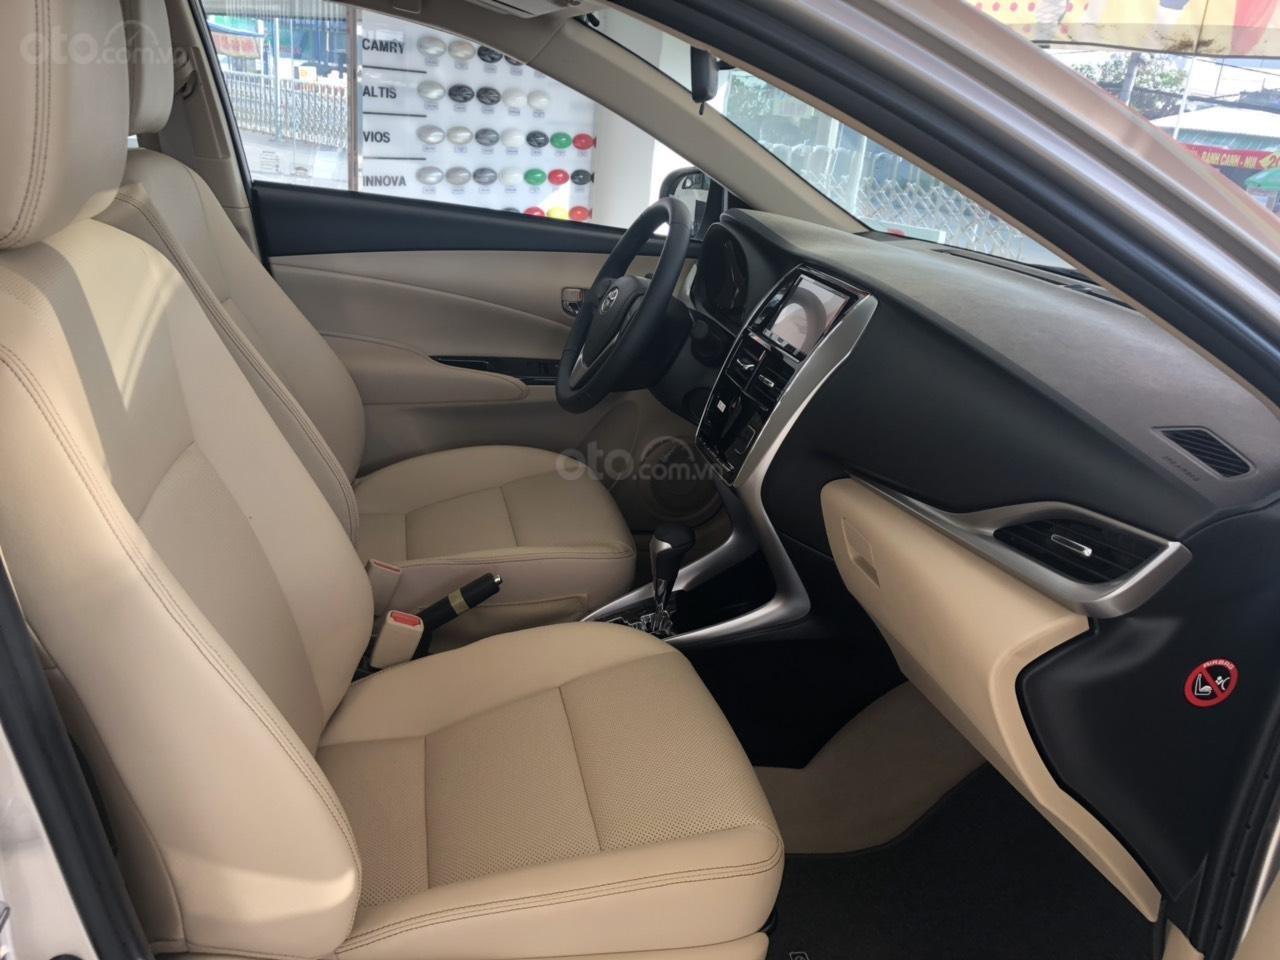 Toyota Vios 1.5G đời 2020, giá tốt - tặng 1 năm bảo hiểm thân xe (4)